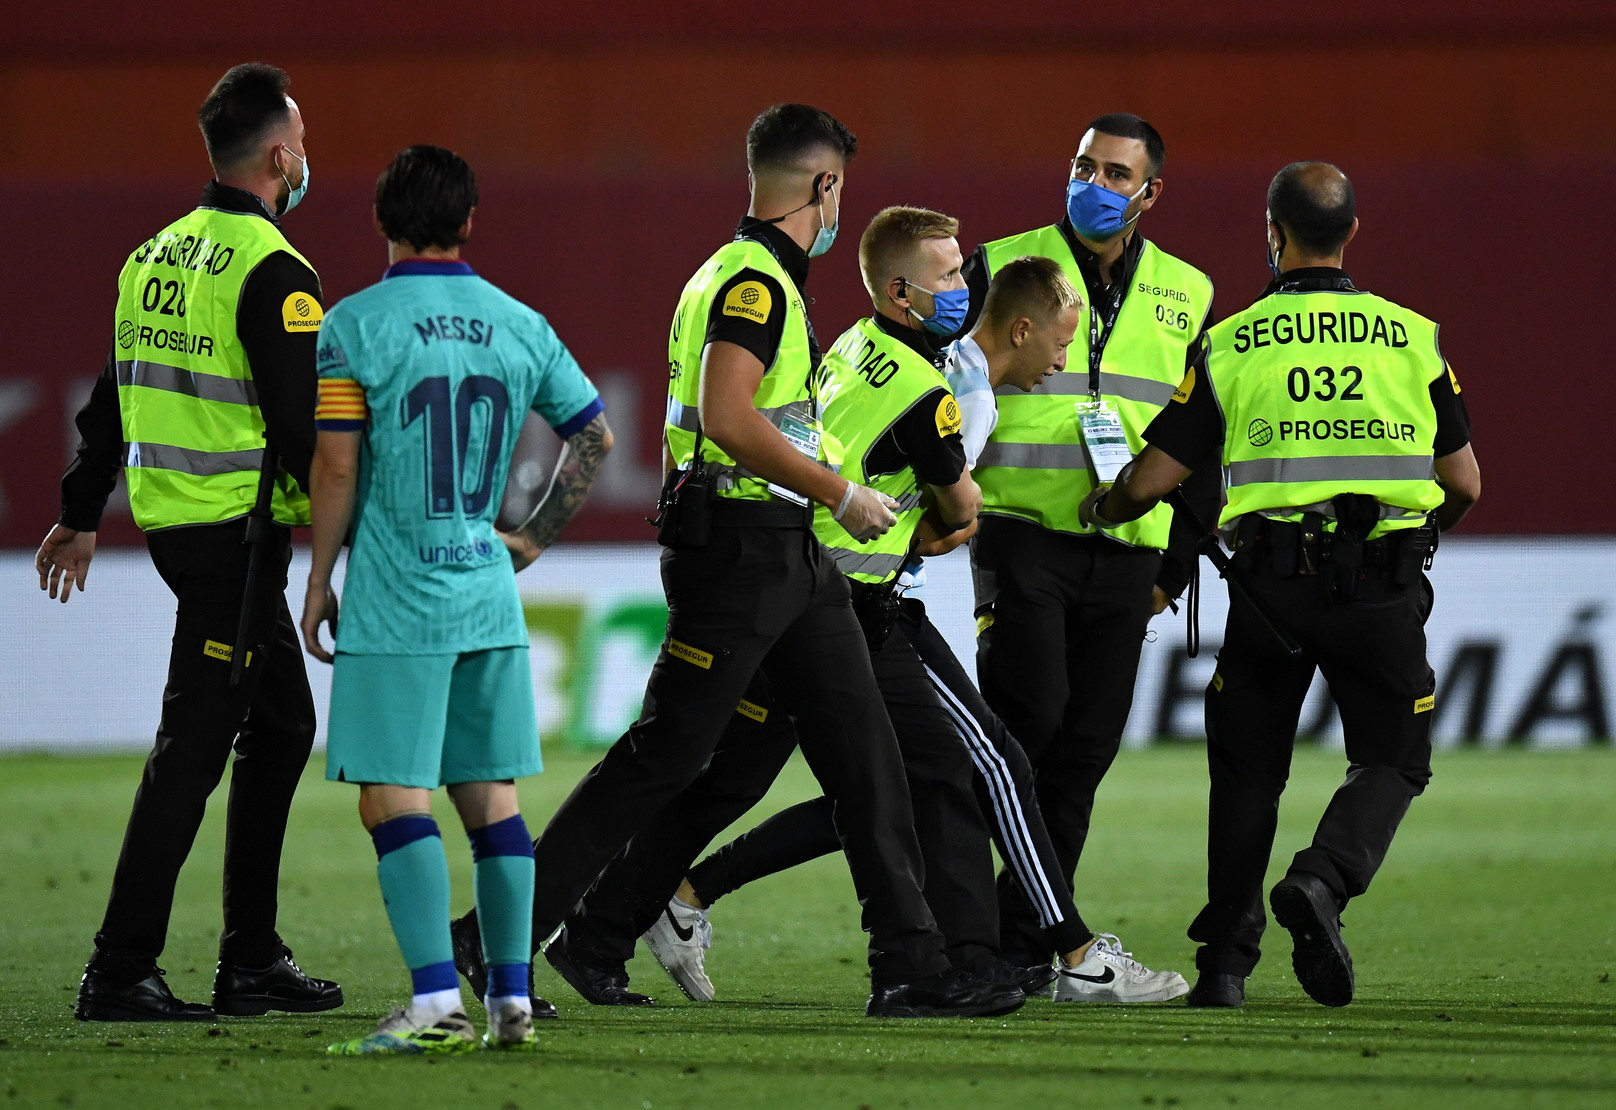 Anche nel calcio post-coronavirusnon mancano le cattive abitudini. Al minuto 54 di Maiorca-Barcellona, gara della Liga giocata rigorosamente a p...